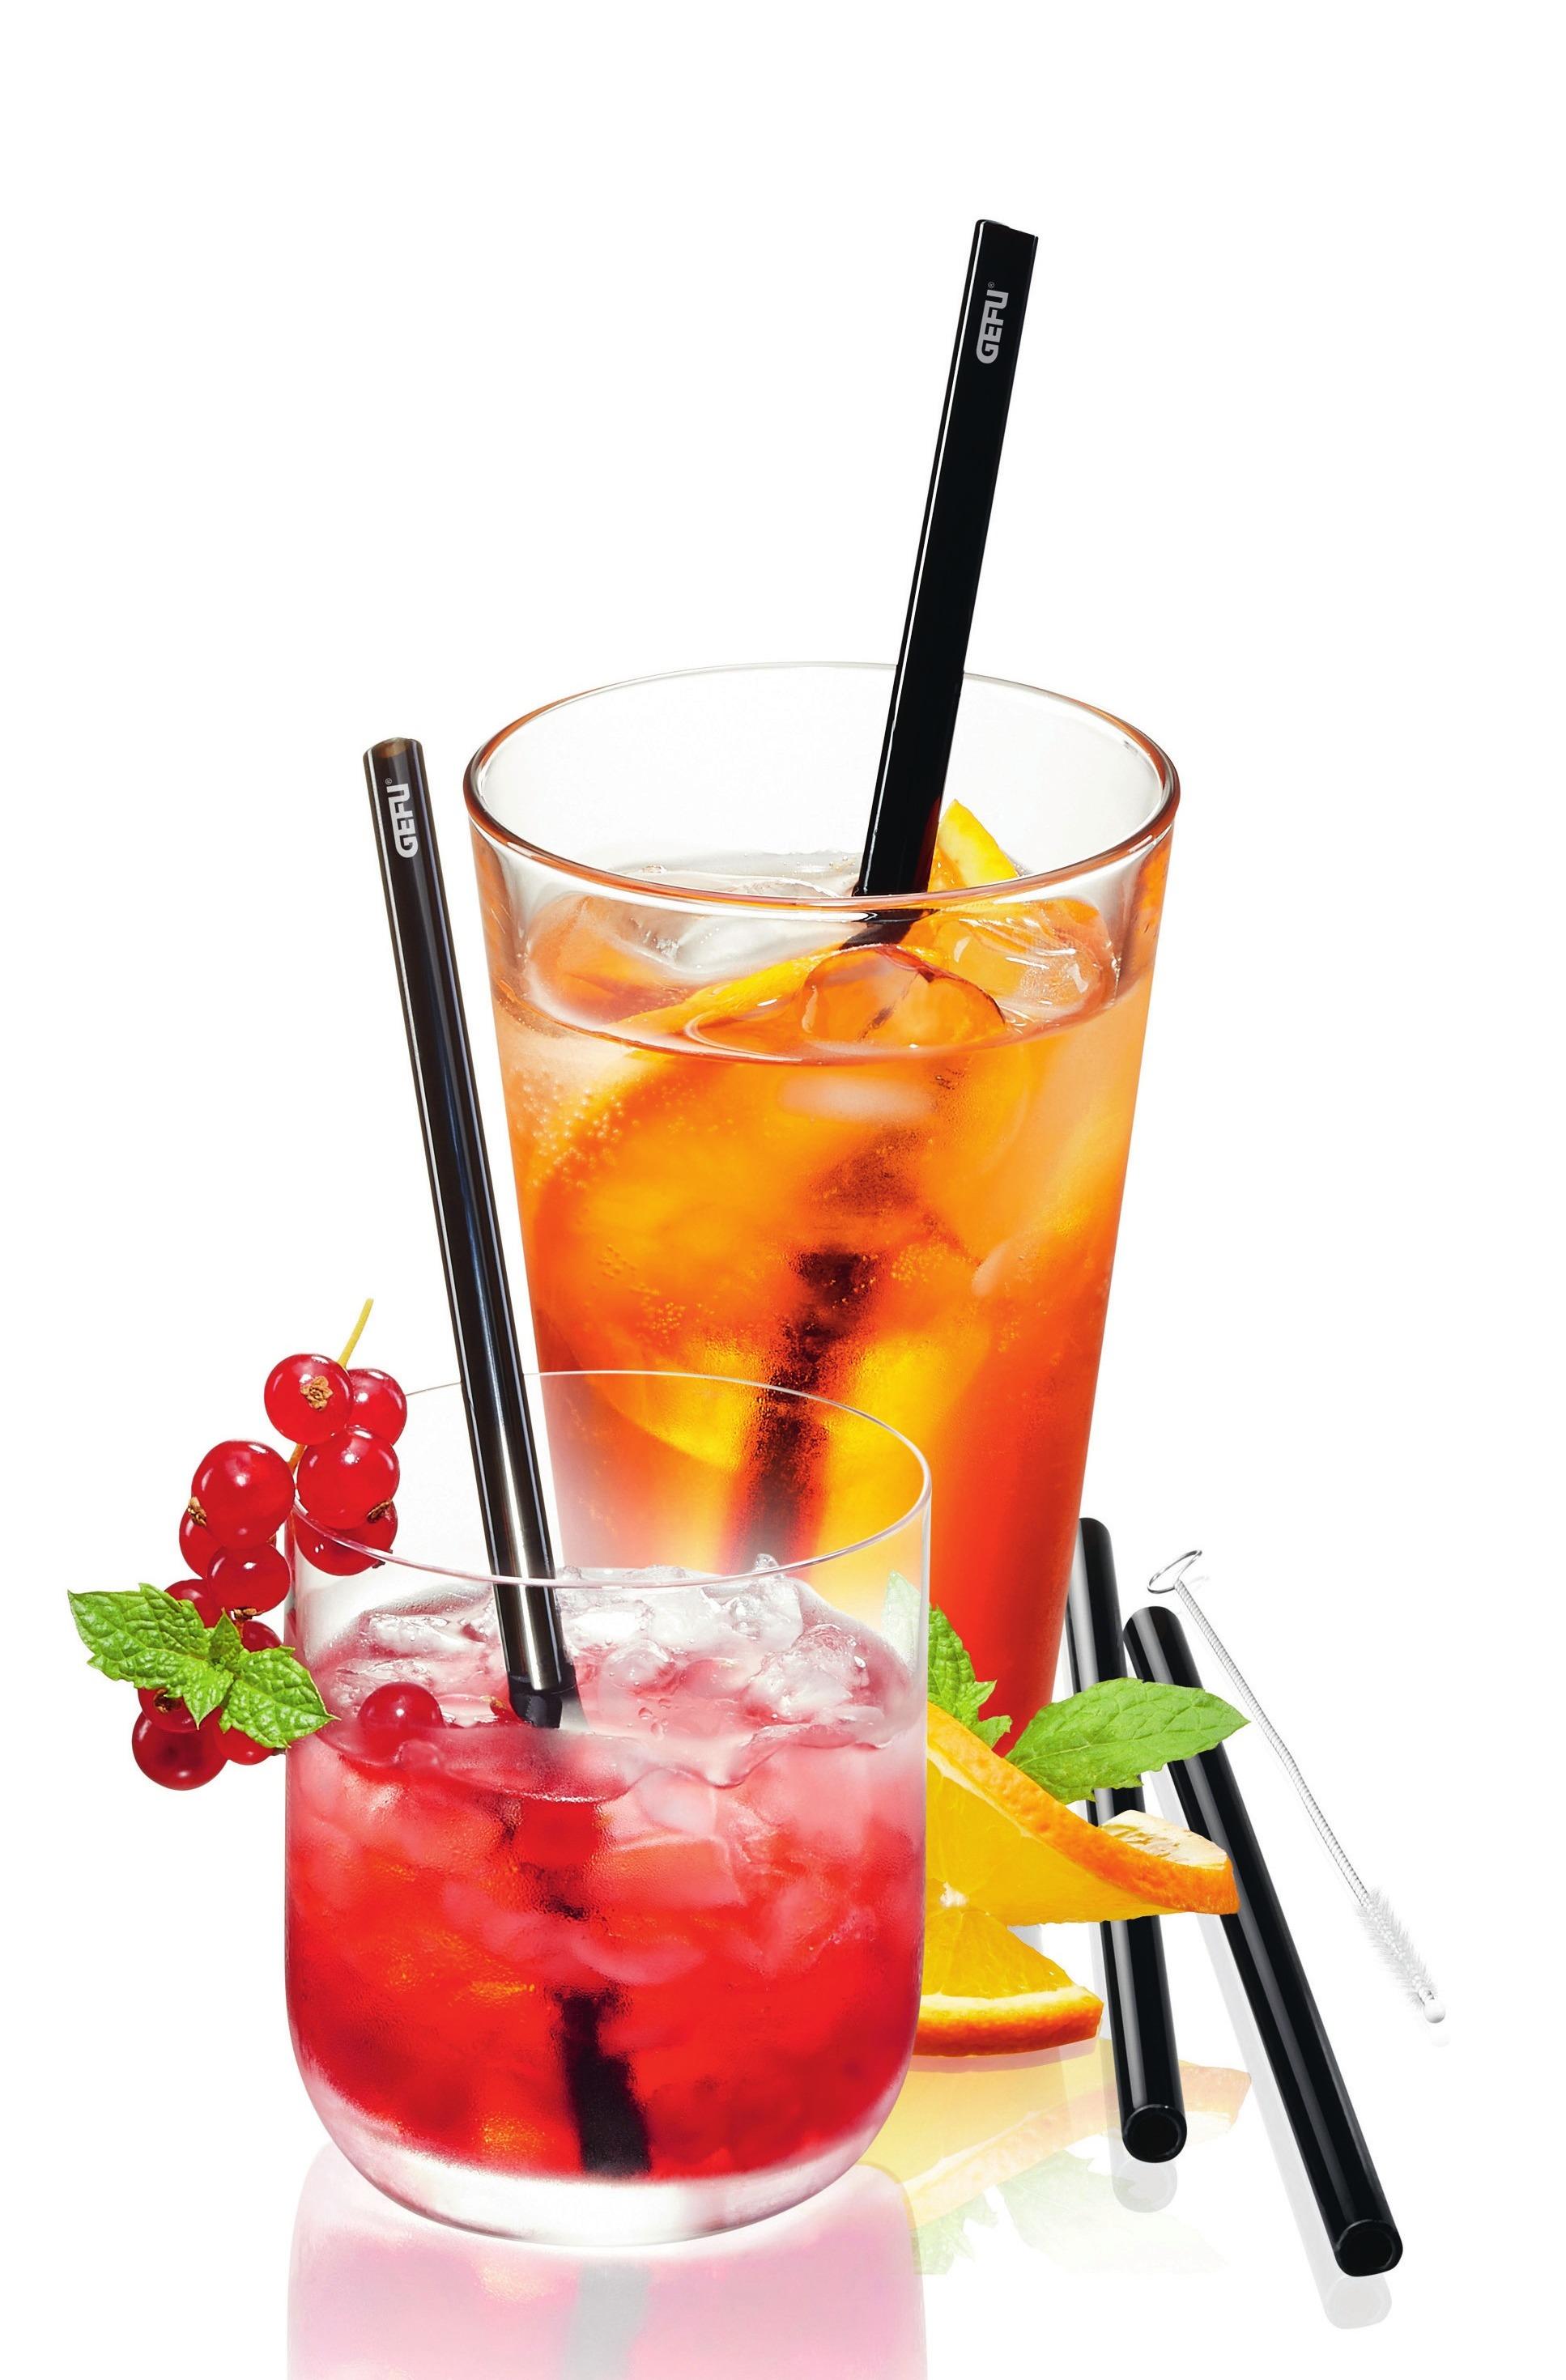 Trinkhalme aus Glas als Alternative zu Plastik (Gefu).